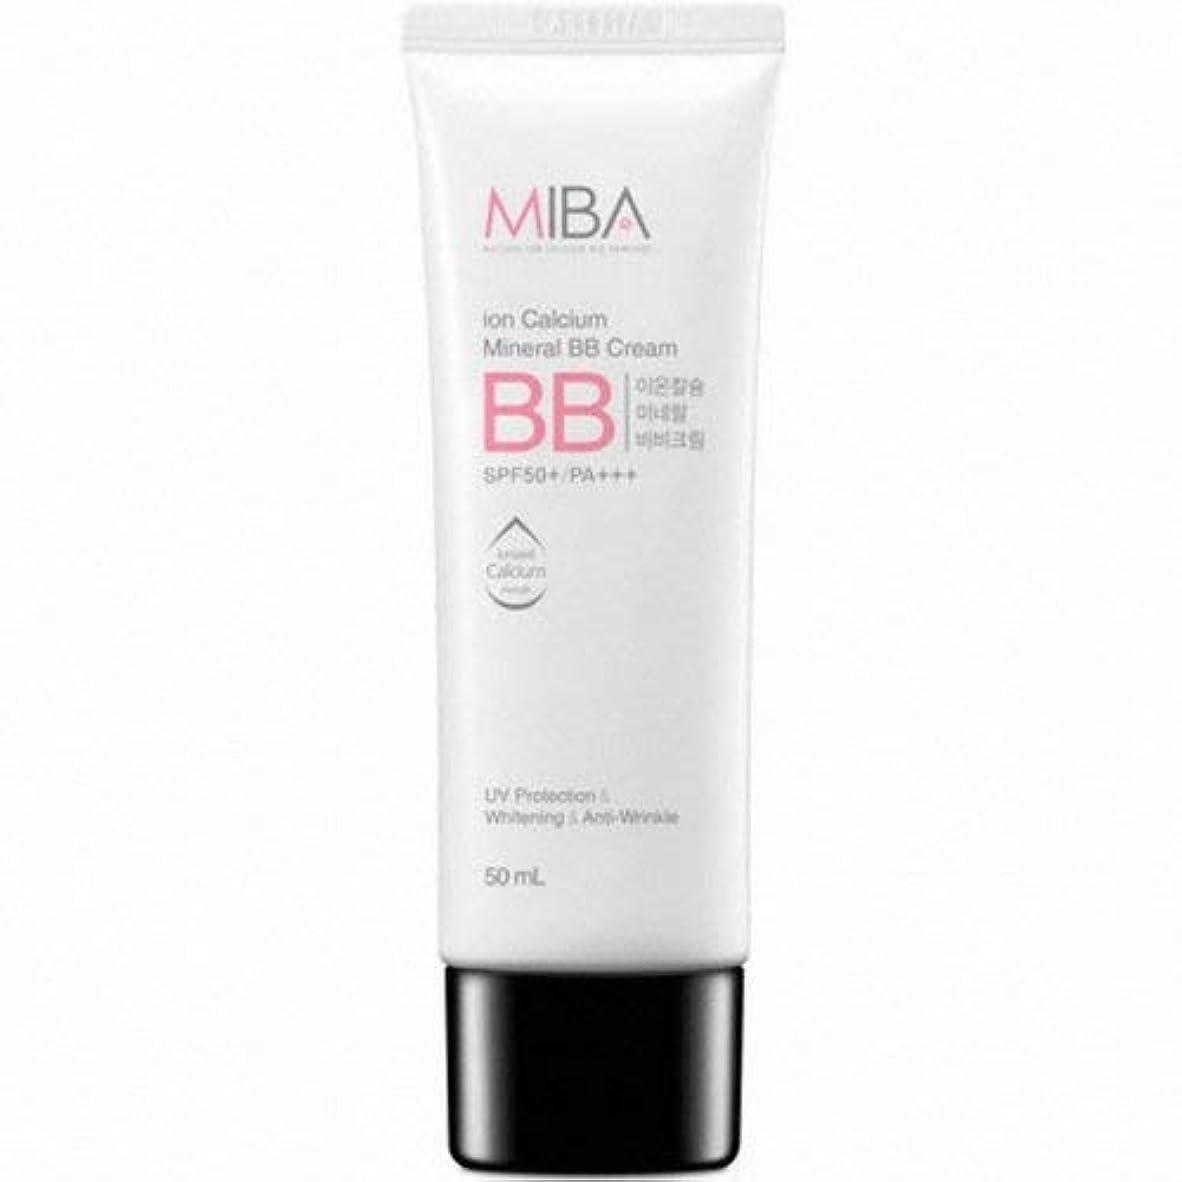 名門散歩に行く血色の良いMINERALBIO ミバ イオン カルシウム ミネラル ビビクリーム/MIBA Ion Calcium Mineral BB Cream (50ml) [並行輸入品]